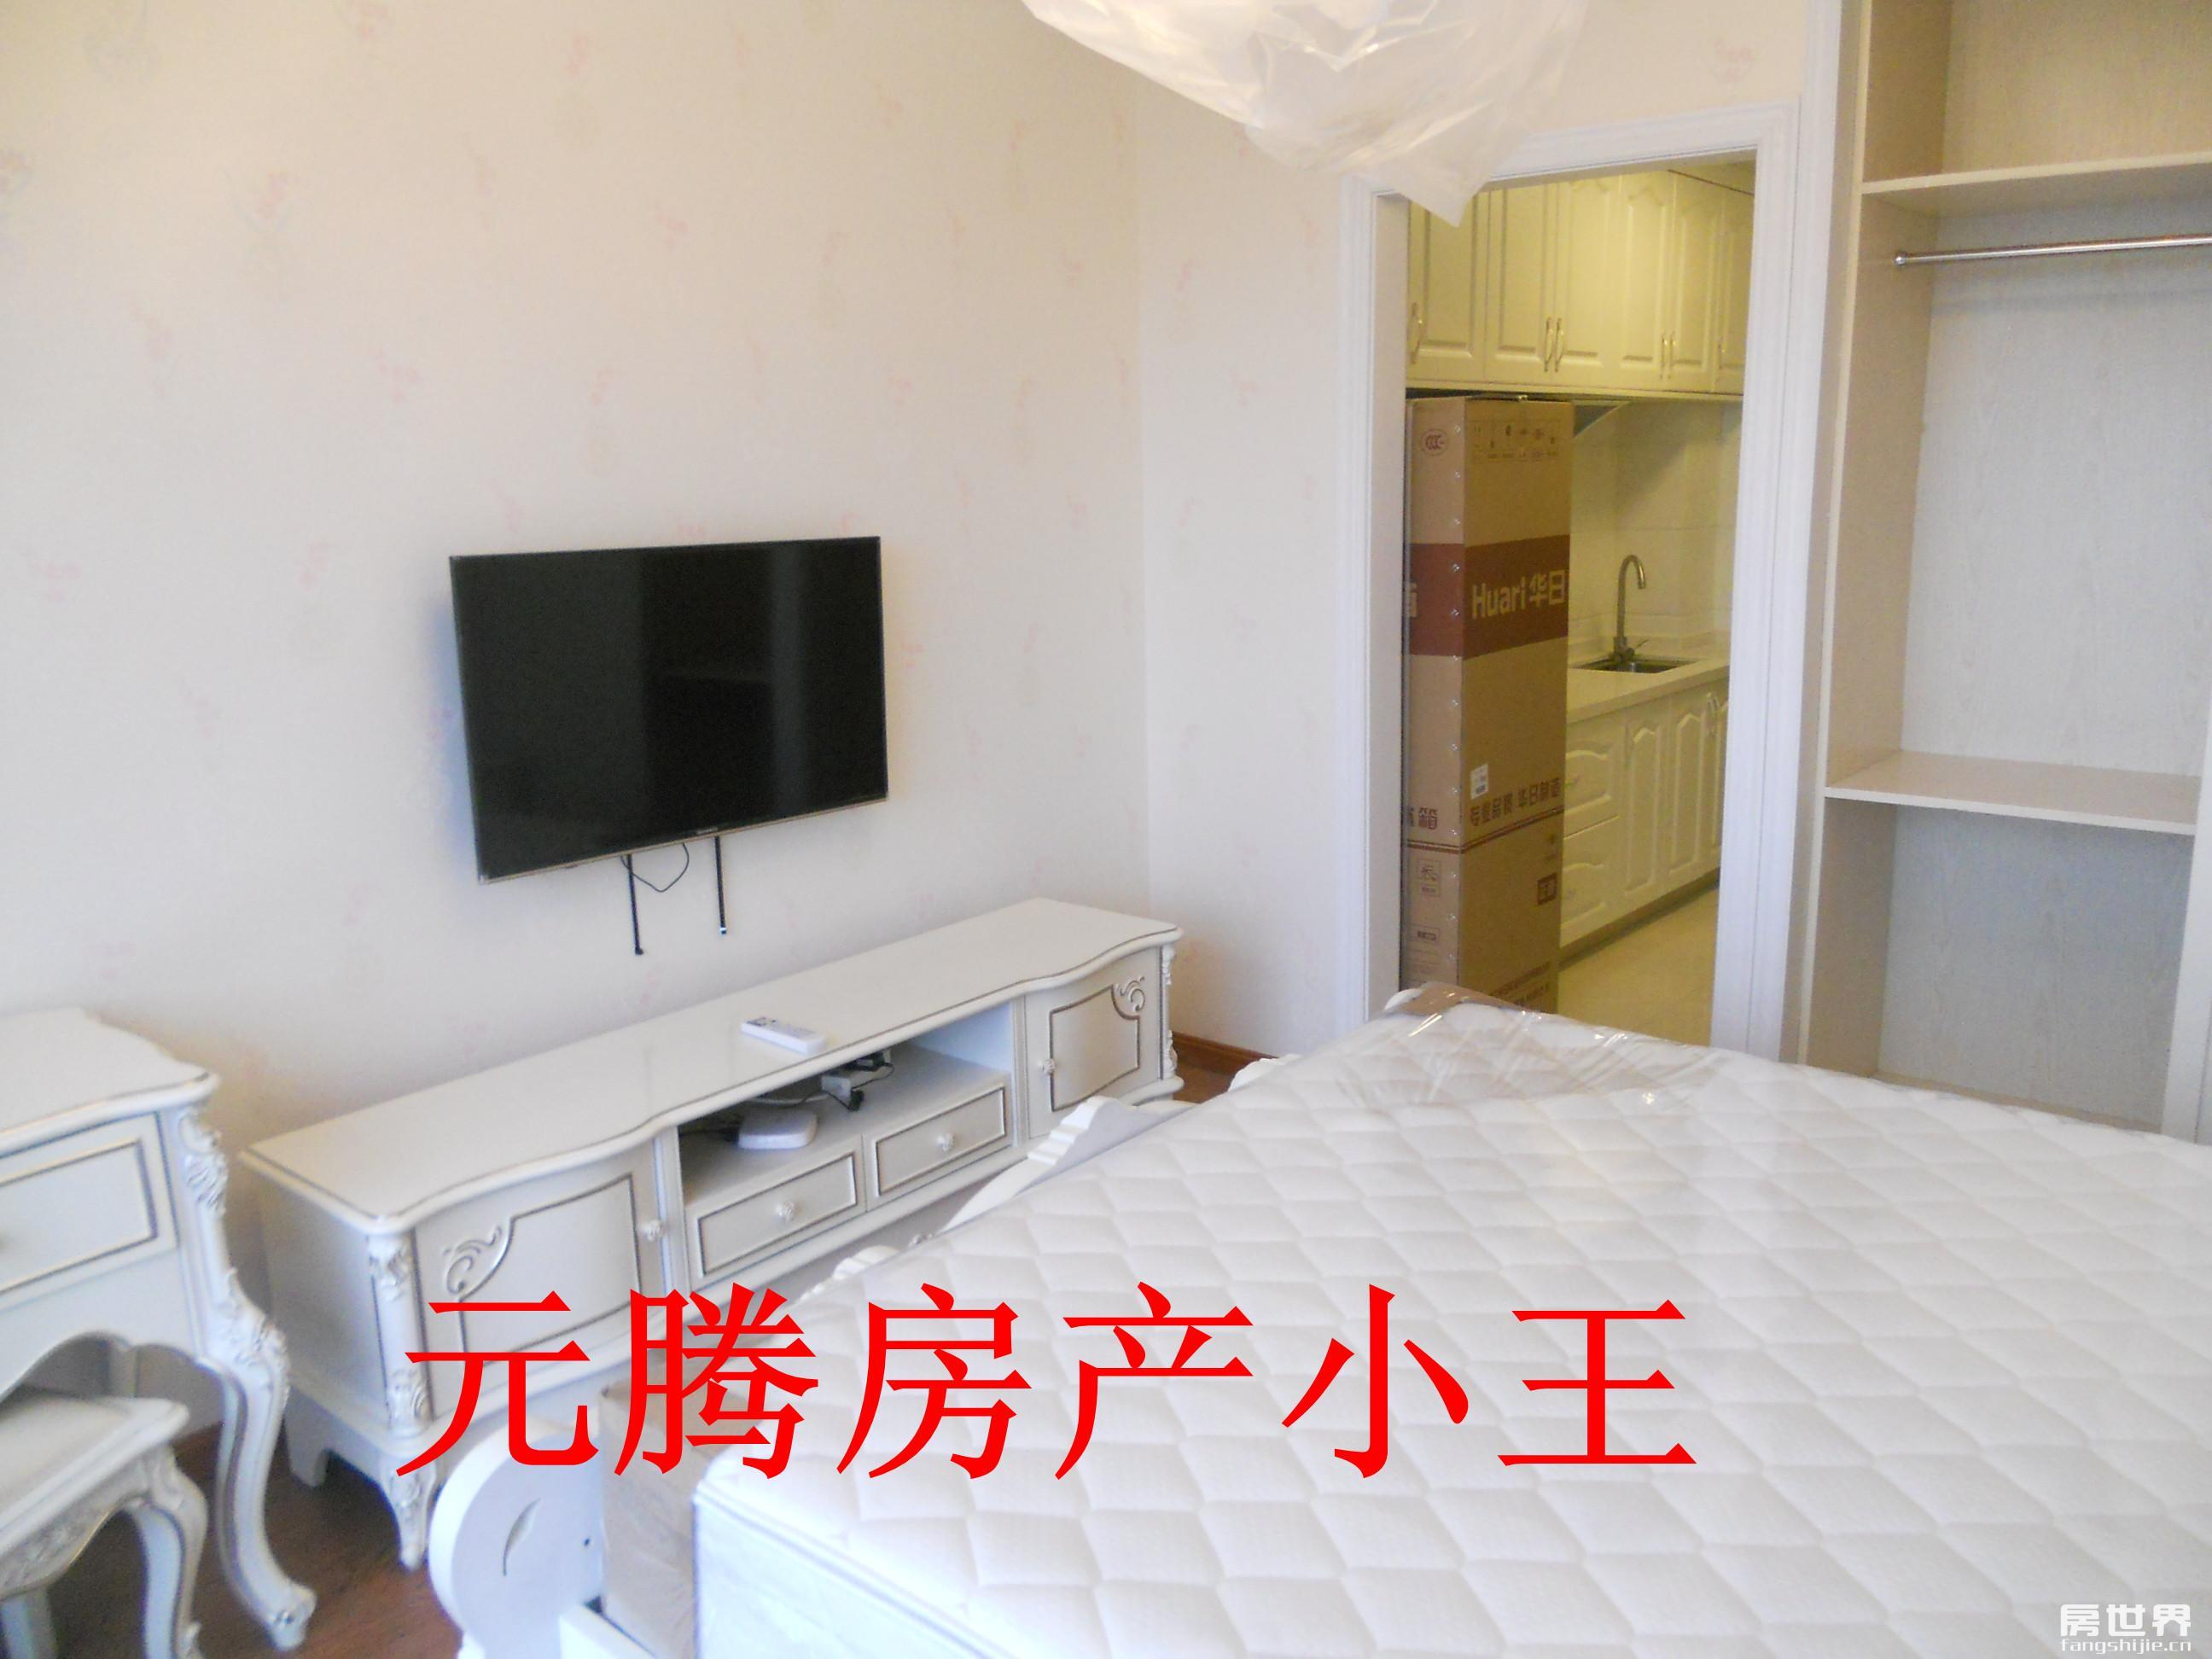 萧然公寓48方欧式精装单身公寓2700一月拎包入住